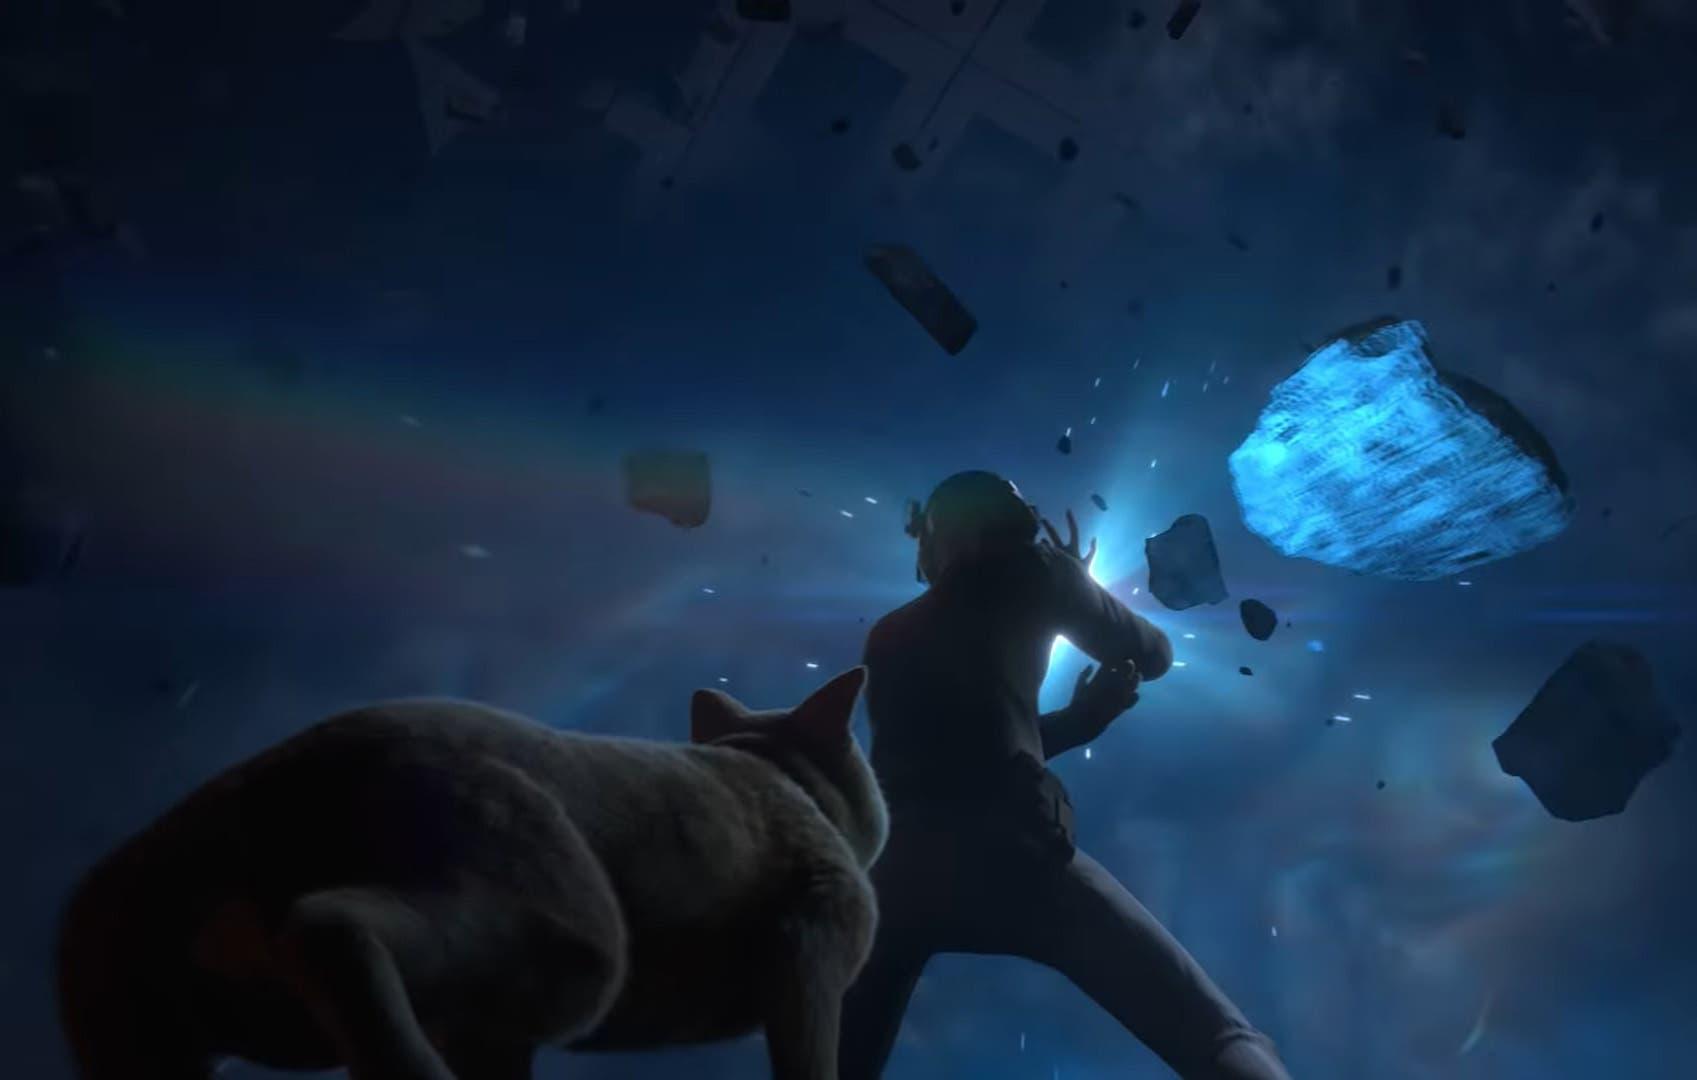 Platinum Games anuncia Project G.G., el nuevo juego de Hideki Kamiya 2